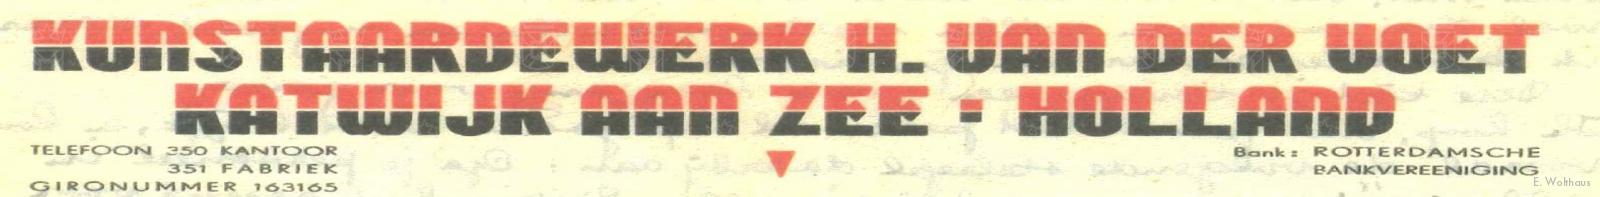 Het briefhoofd van Kunstaardewerk H. van der Voet in de NSB kleuren rood en zwart.